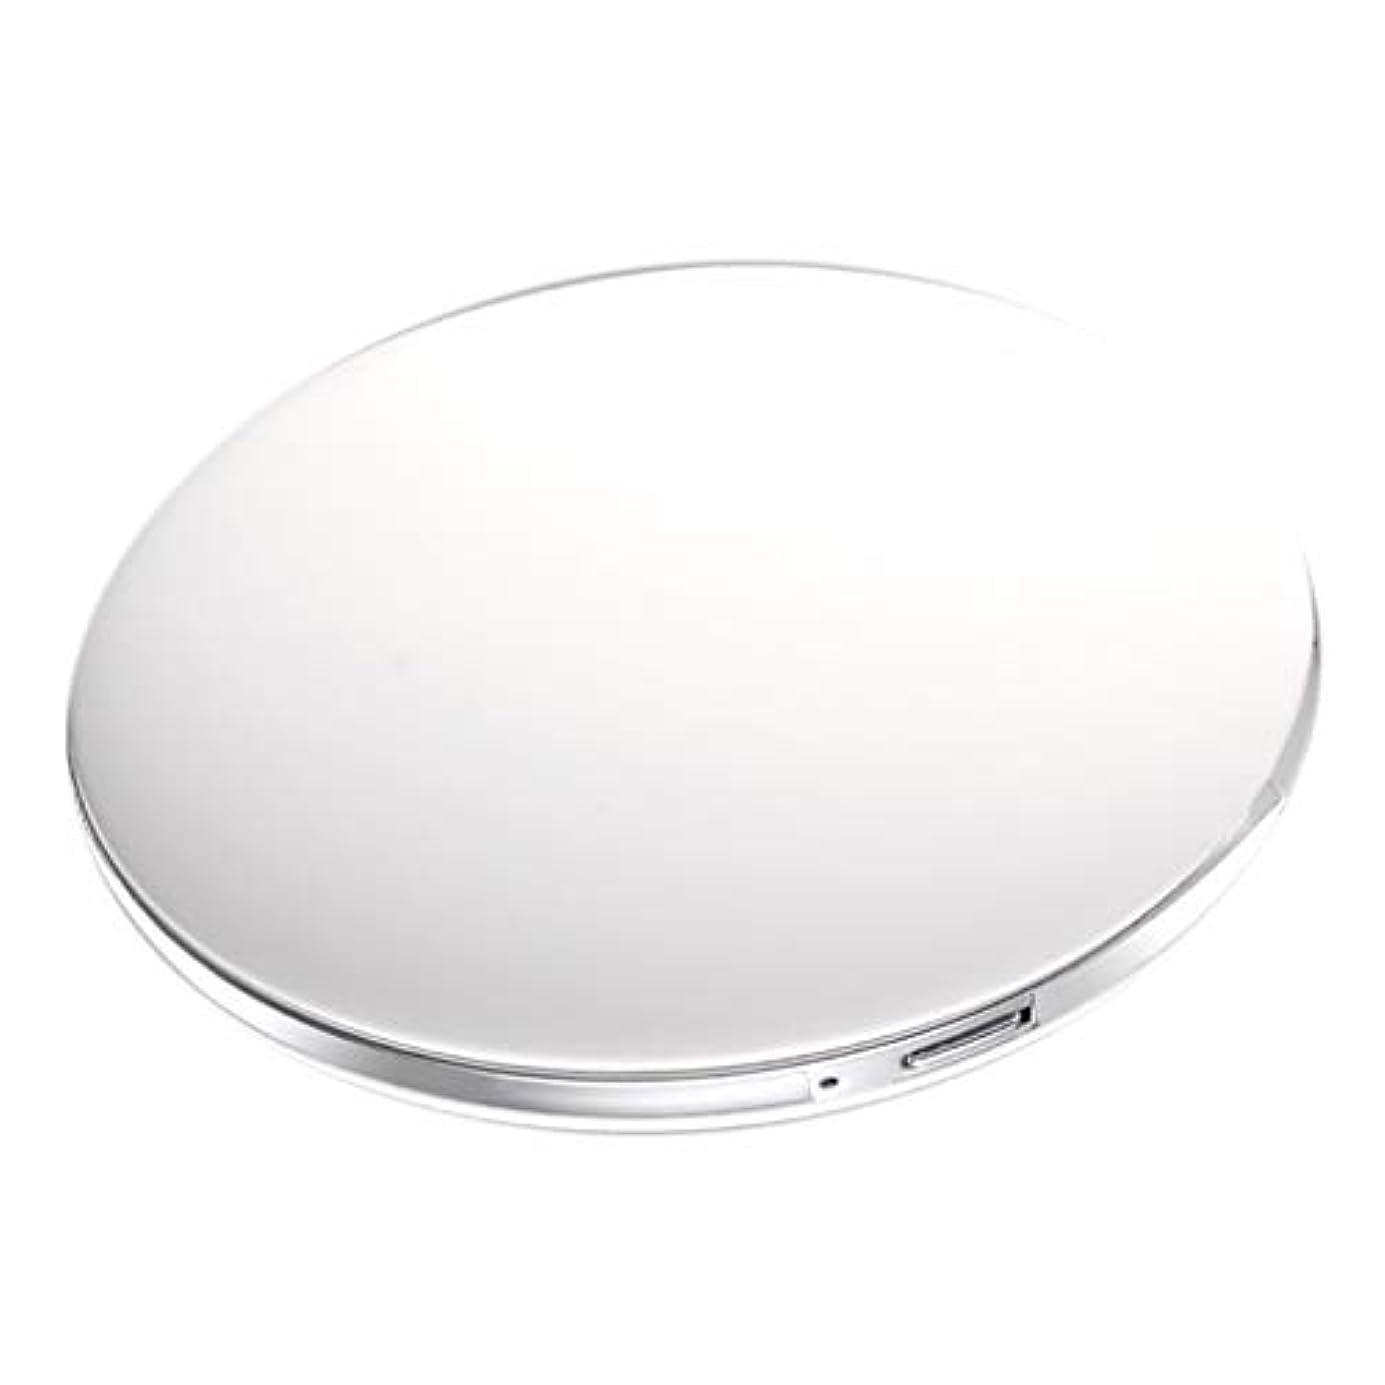 幼児振る舞う高速道路コンパクトミラー 拡大鏡付き 3倍 LED付き 化粧鏡 携帯ミラー 化粧鏡 手持式 持ち運び 全5色 - 白